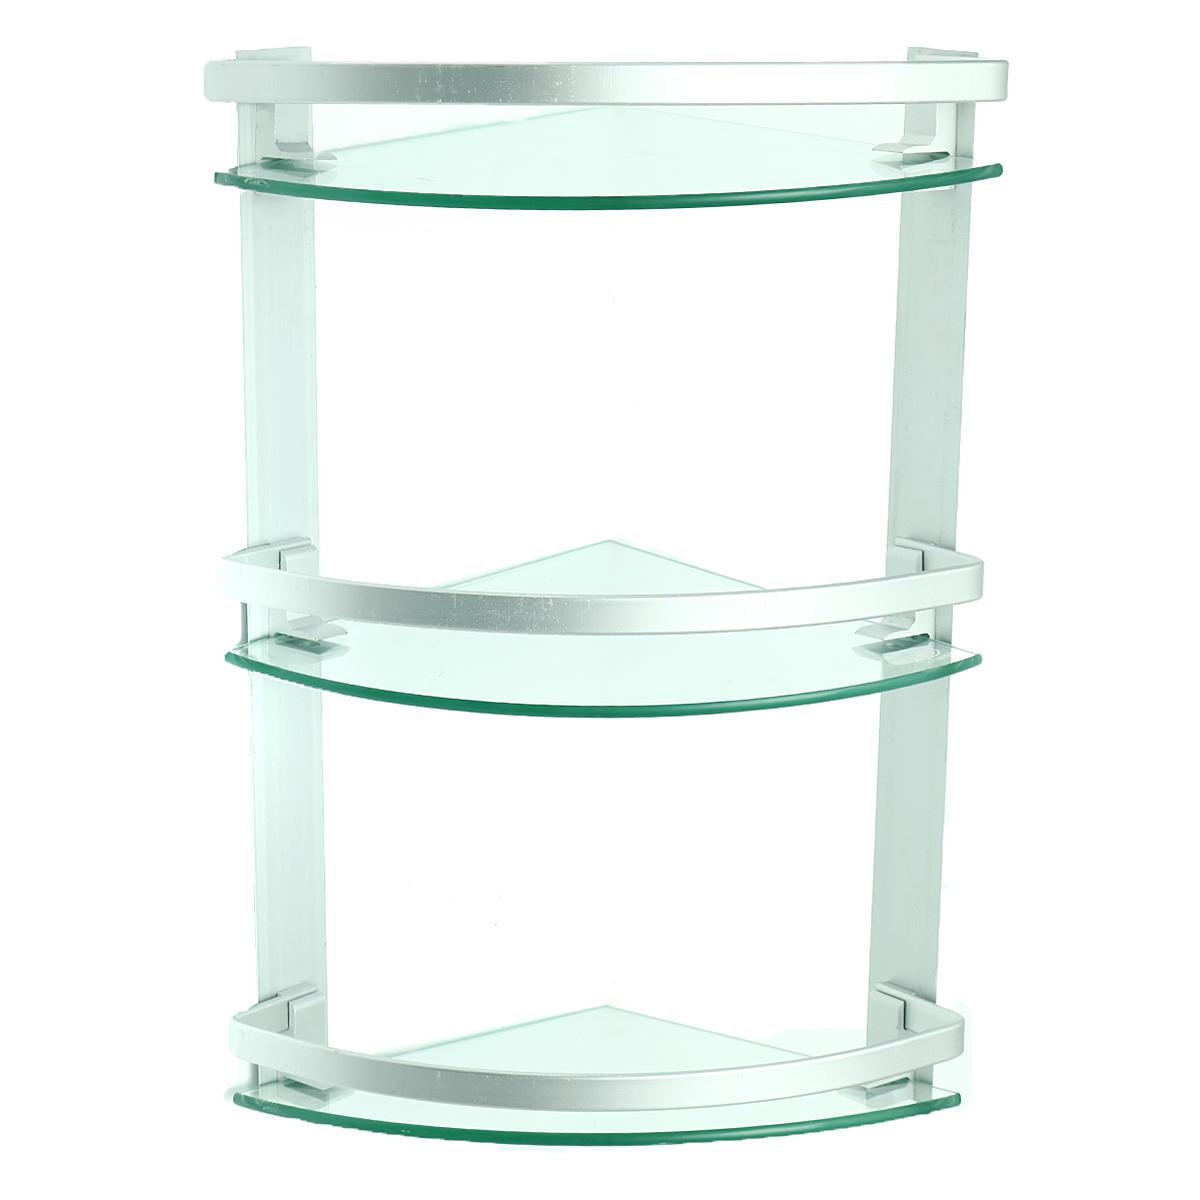 3 Tier Glass Bathroom Bath Shower Caddy Wall Corner Shelf Holder Rack